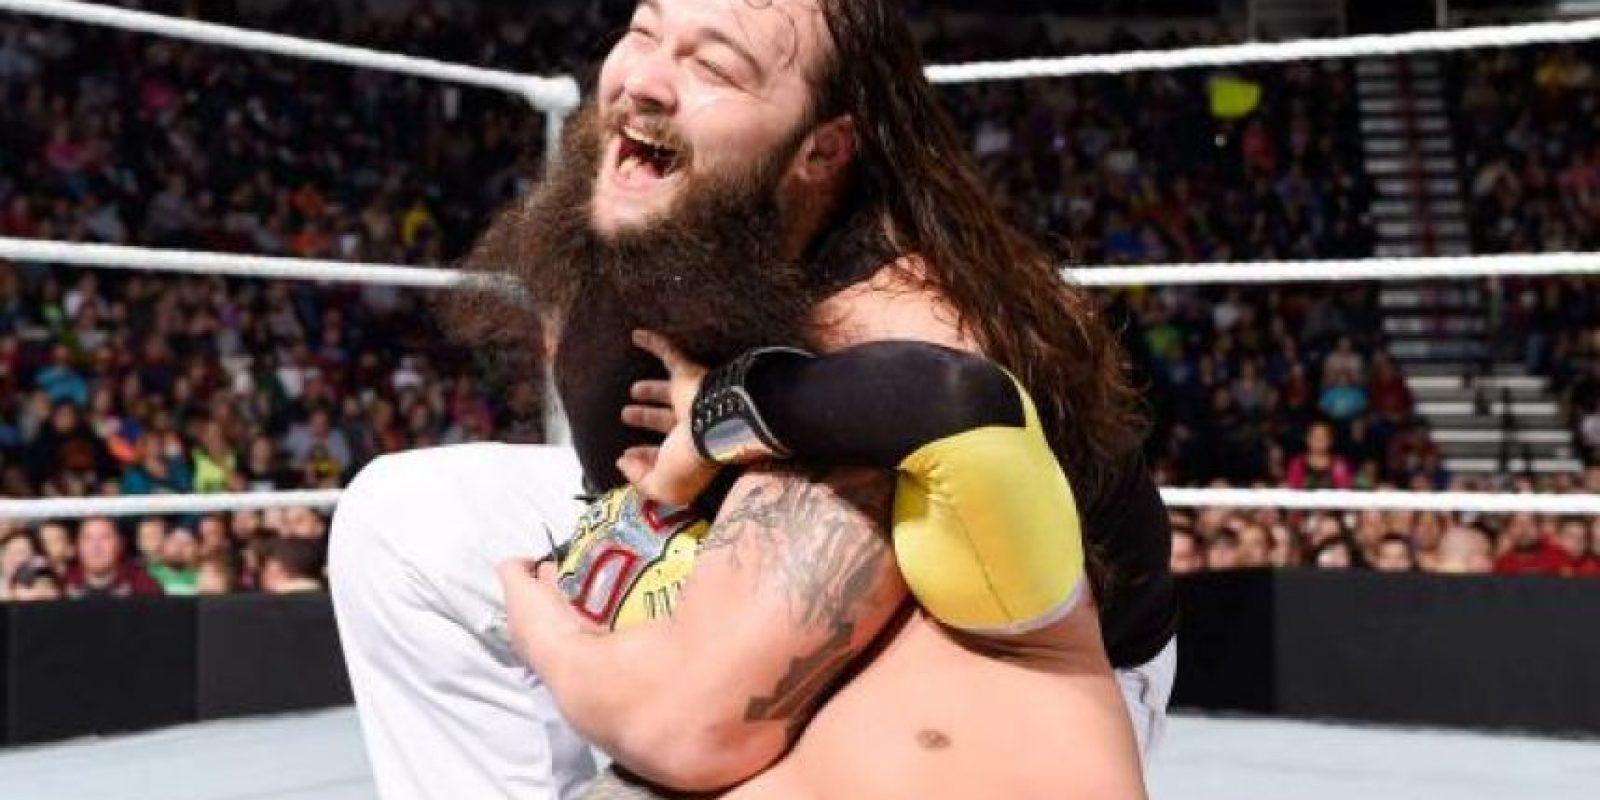 Su locura y rudeza llaman la atención entre los fanáticos del entretenimiento deportivo Foto:WWE